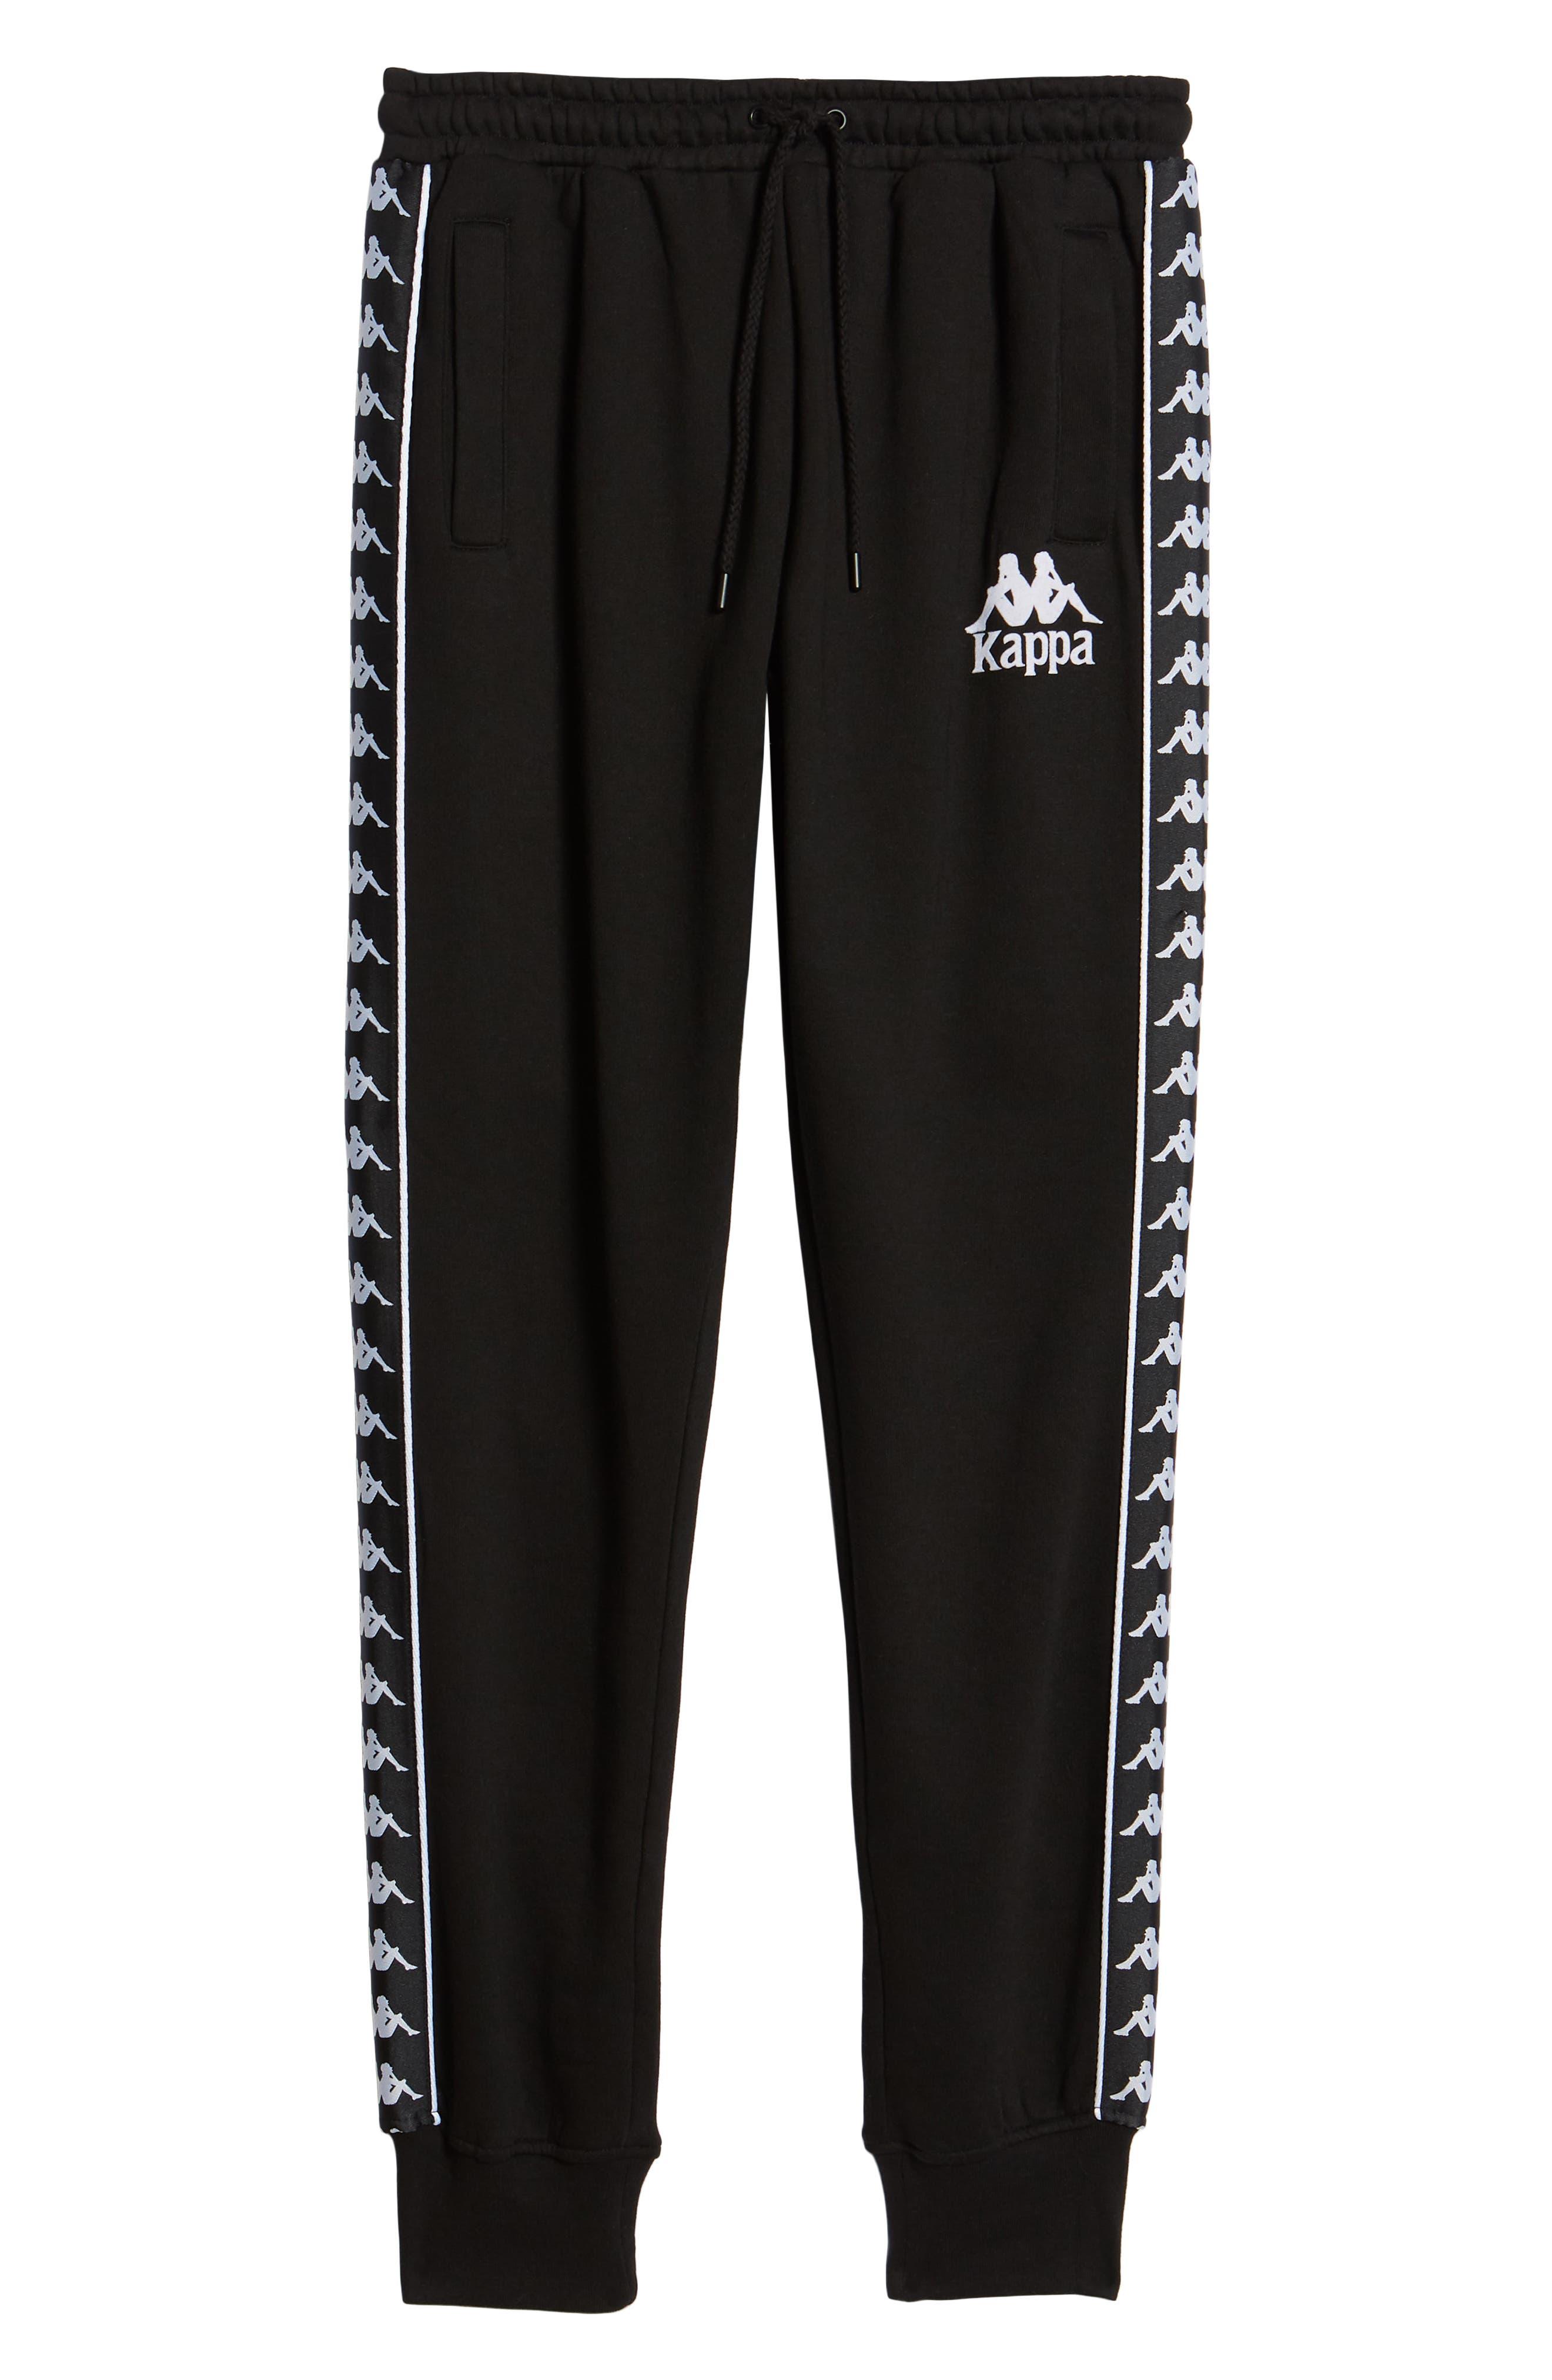 Banda Fleece Pants,                             Alternate thumbnail 6, color,                             Black